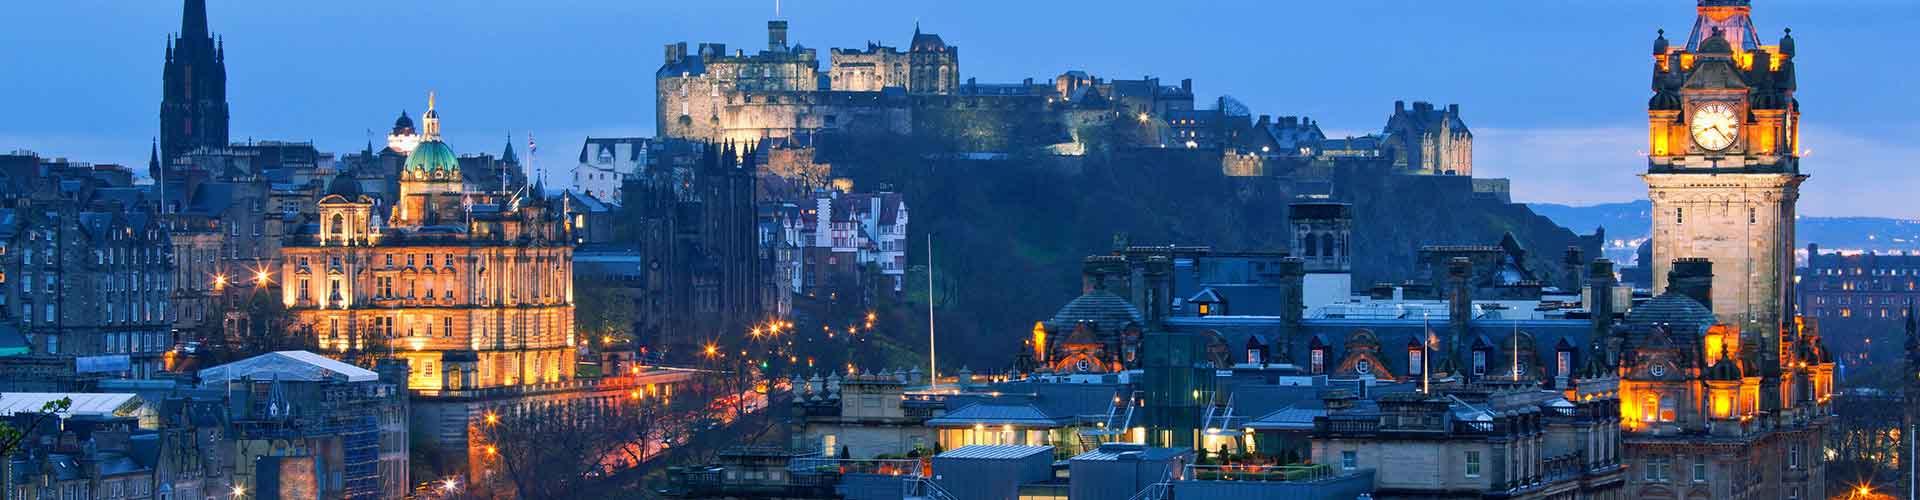 Edimbourg - Hôtels dans le quartier de Southside. Cartes pour Edimbourg, photos et commentaires pour chaque hôtel à Edimbourg.